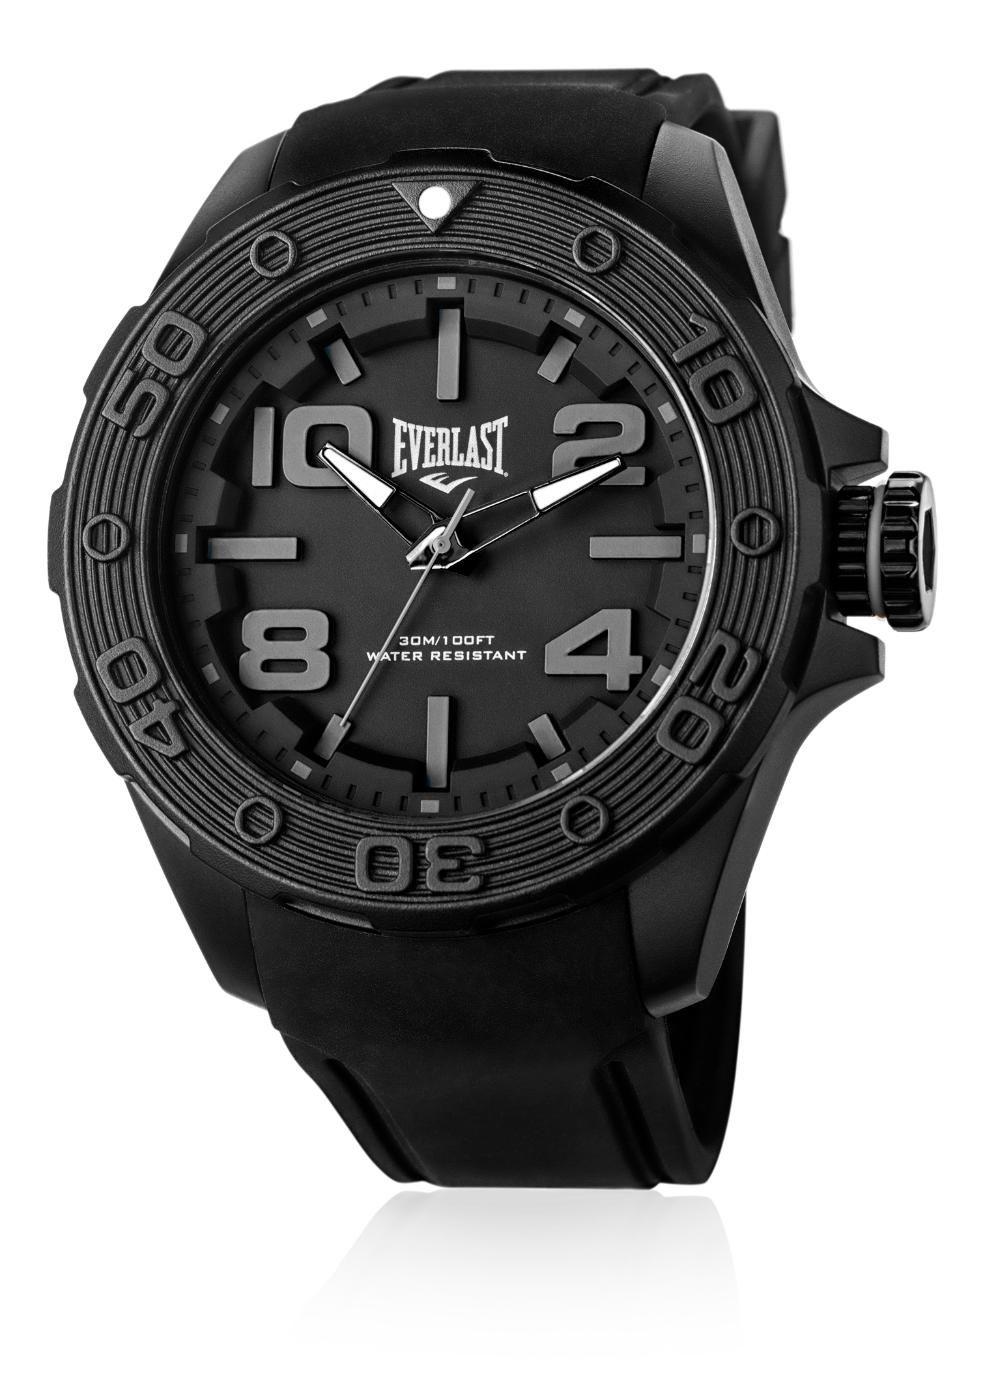 Relógio Masculino Everlast E616 53mm Silicone Preto